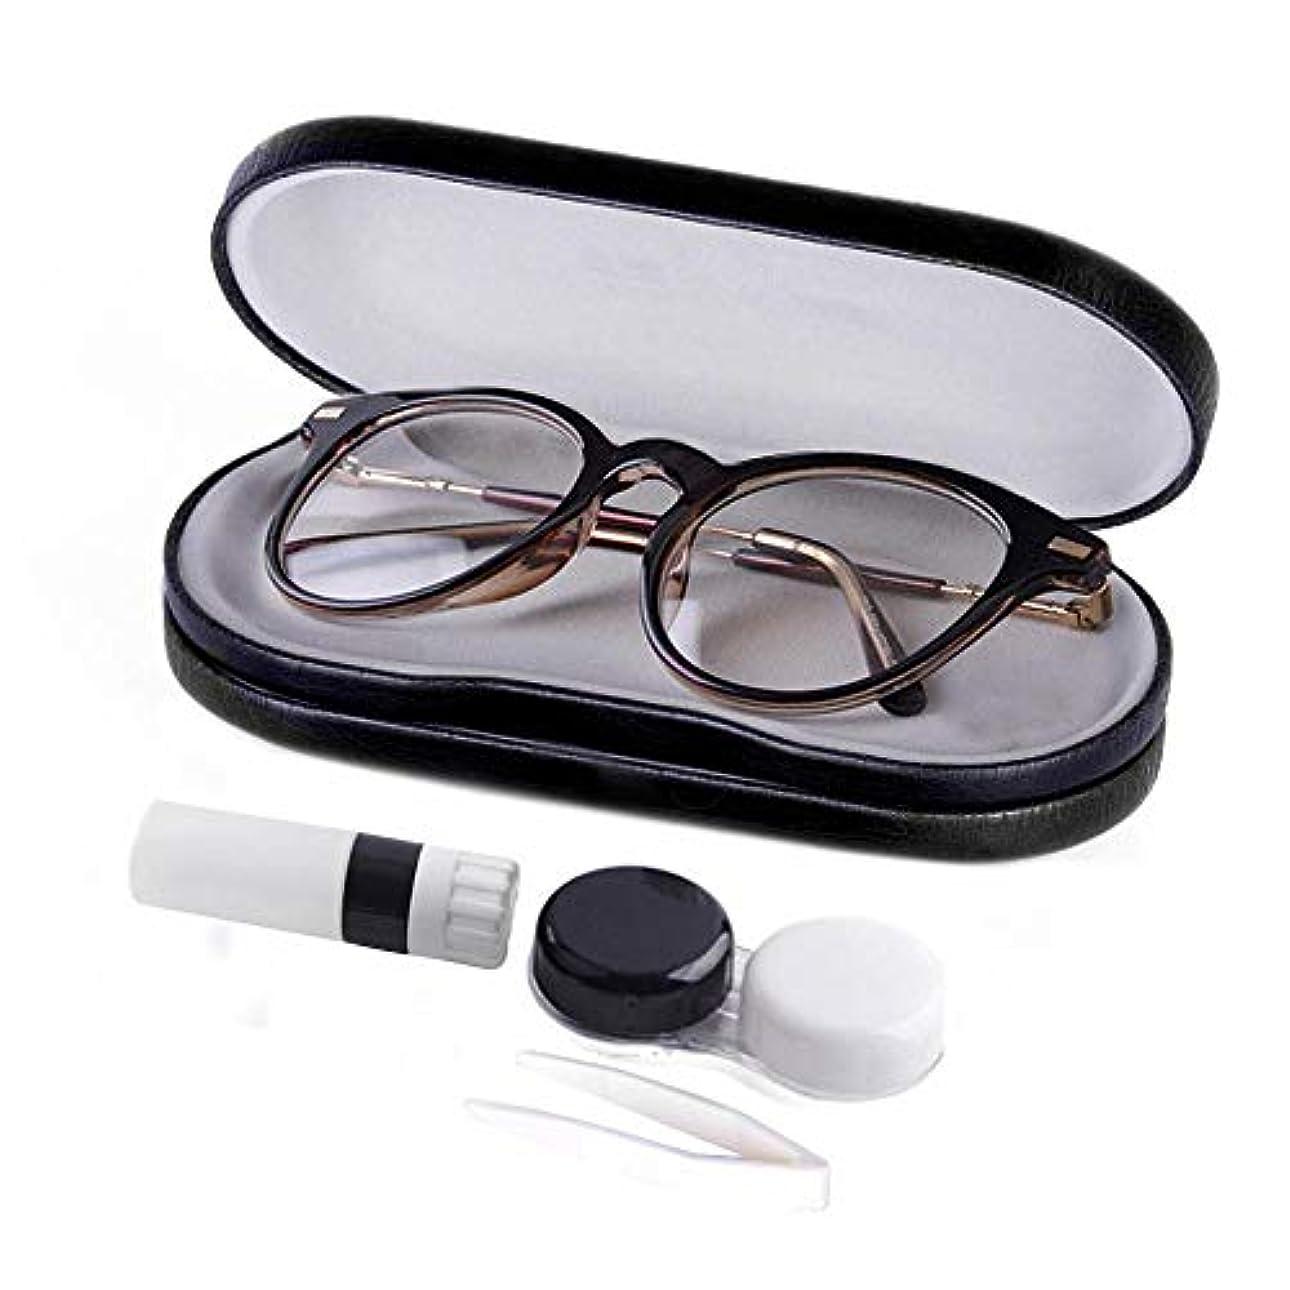 ショートメーカー予想外Coldwhite 旅行用に革新的 なコンタクトレンズケース 両面メガネ収納ケース ブラック16x7x5cm / 3x2.4x0.9inch(LxWxH)